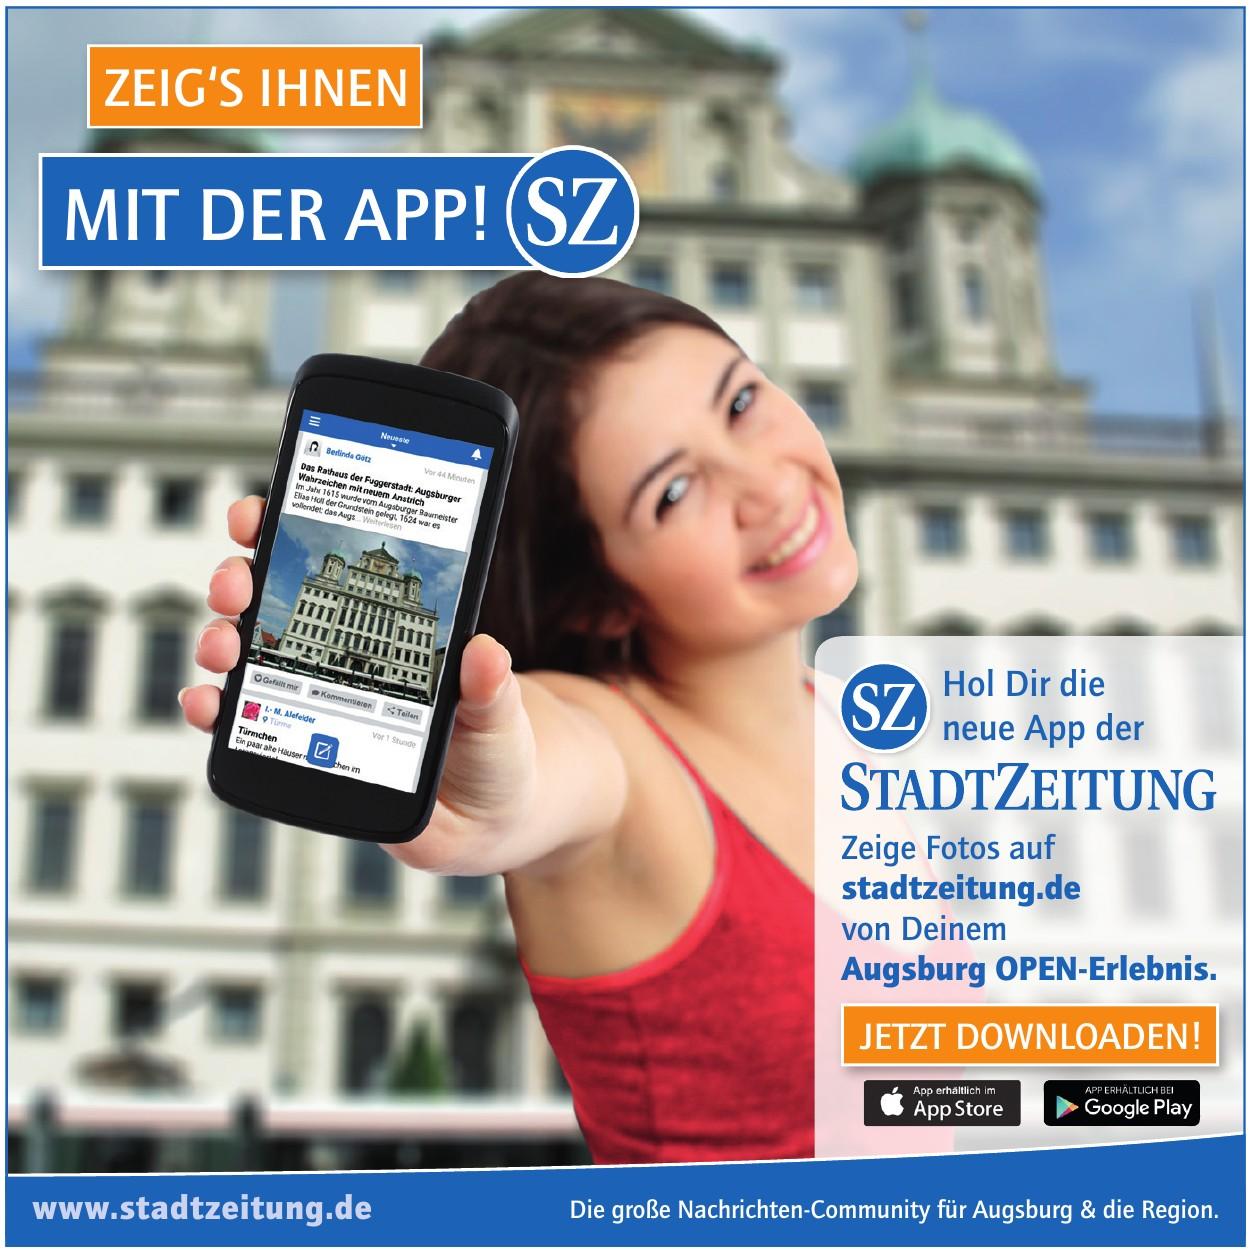 StadtZeitung Augsburg